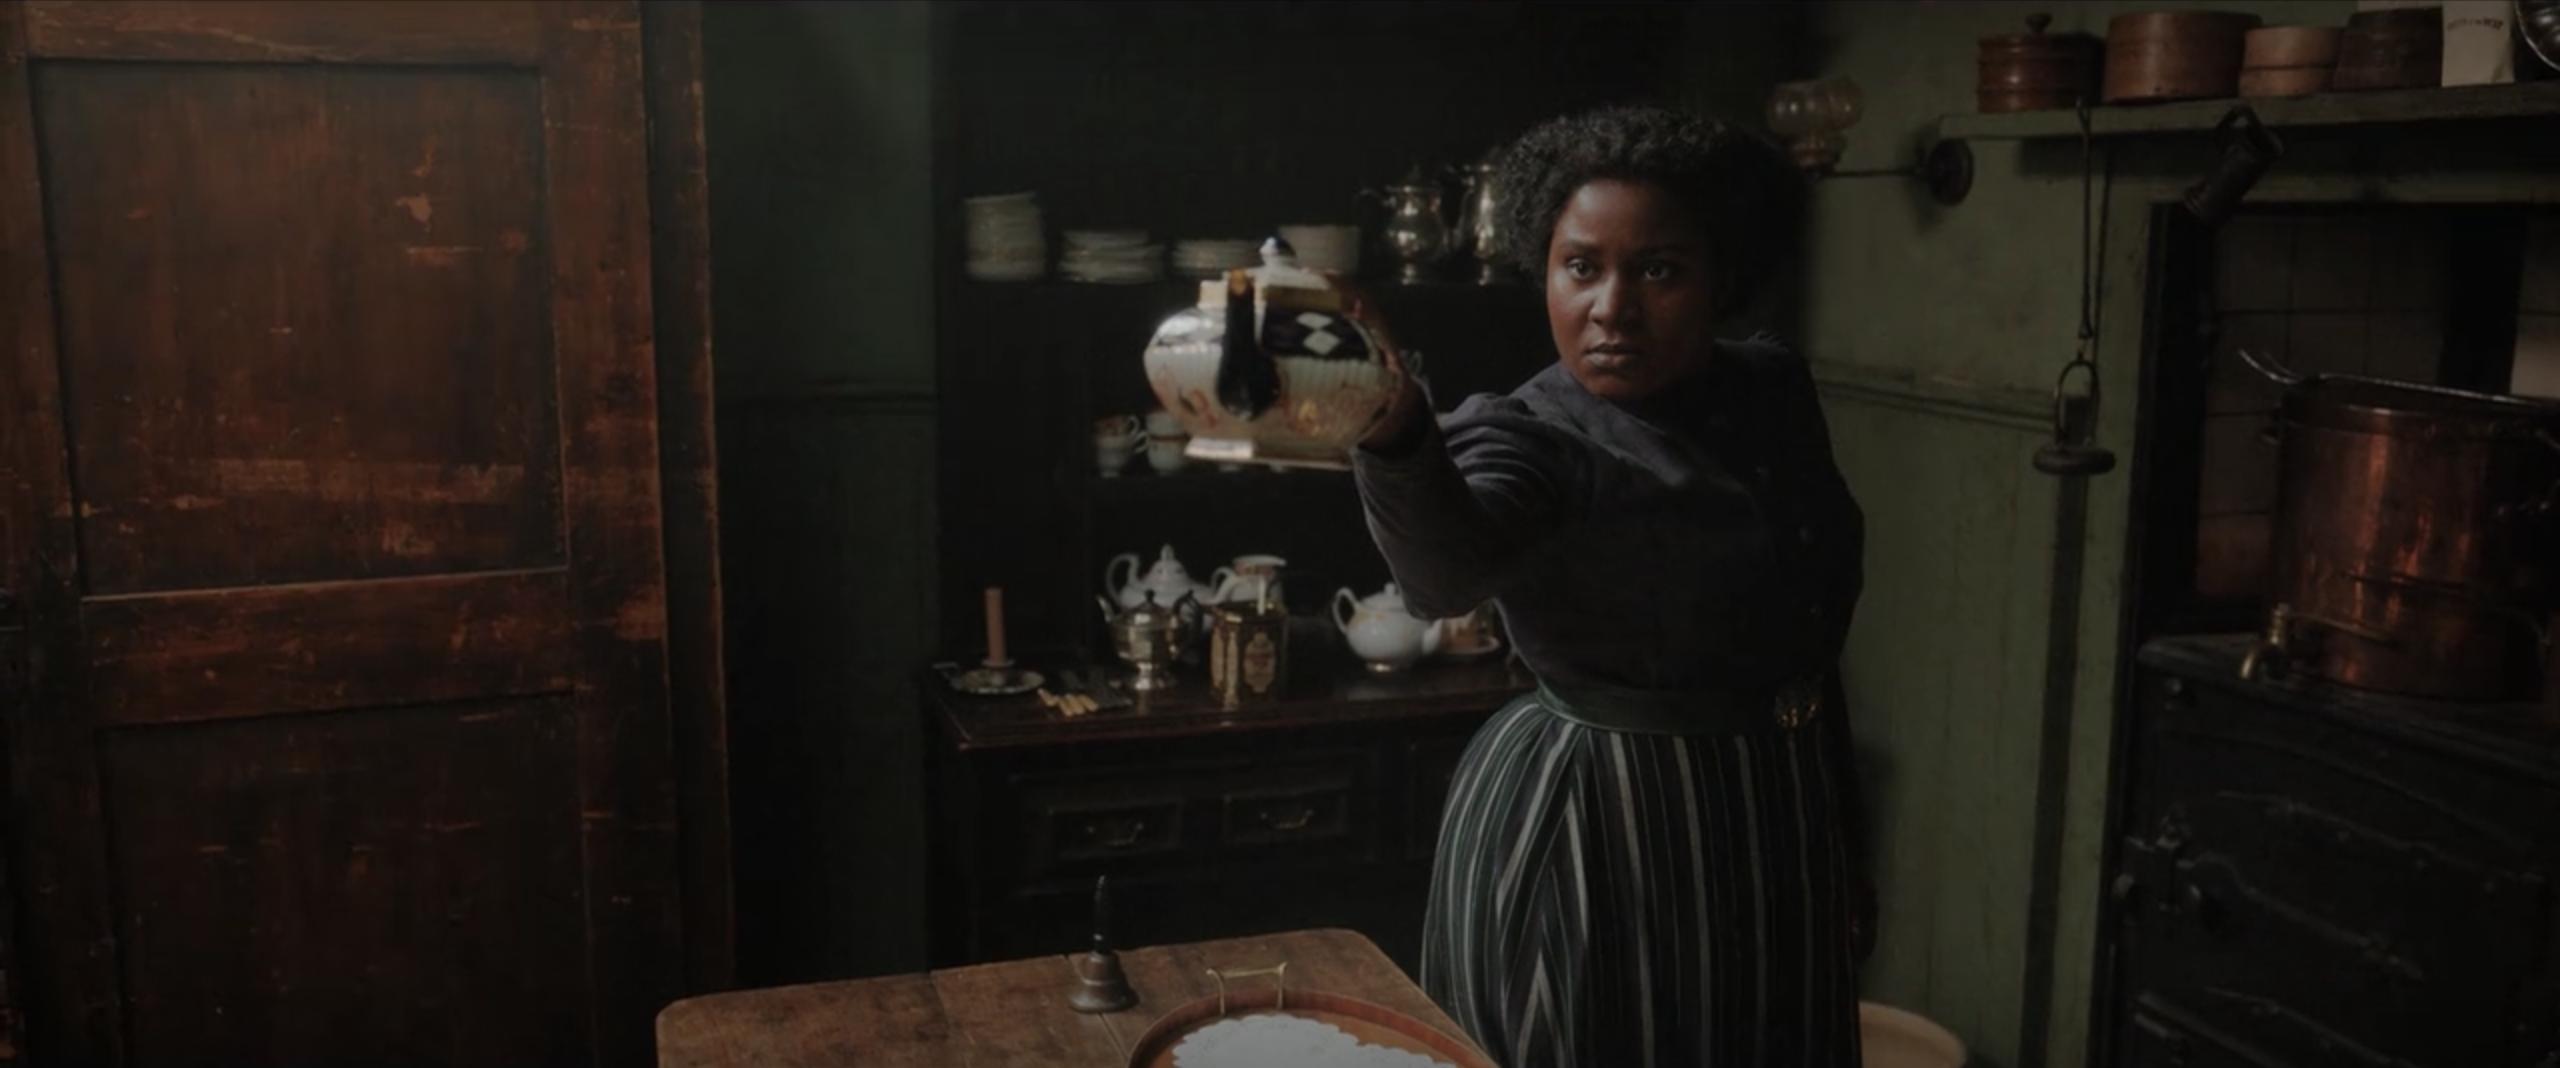 Edith pointing a teapot menacingly at an off-screen Sherlock.